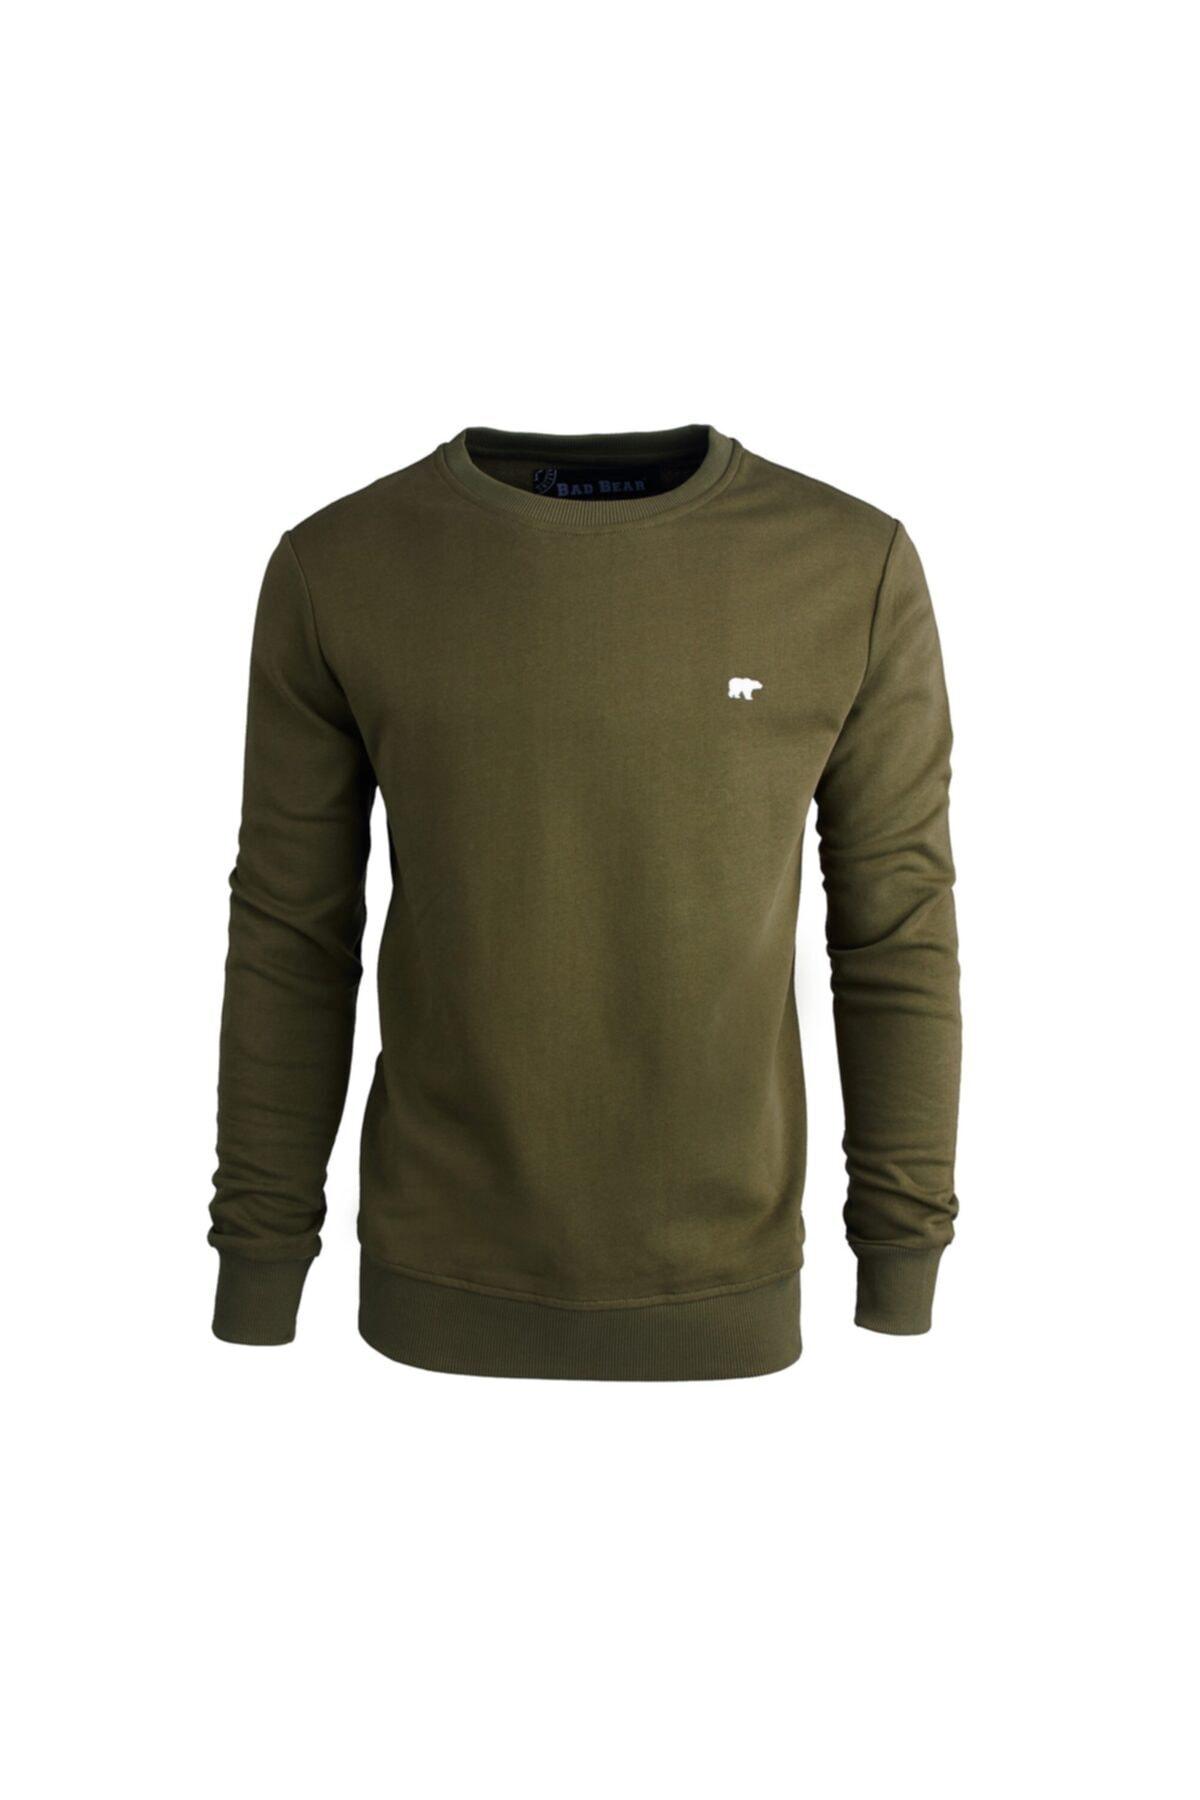 Bad Bear Erkek Haki Sweatshirt Presage 200212012-khk 1